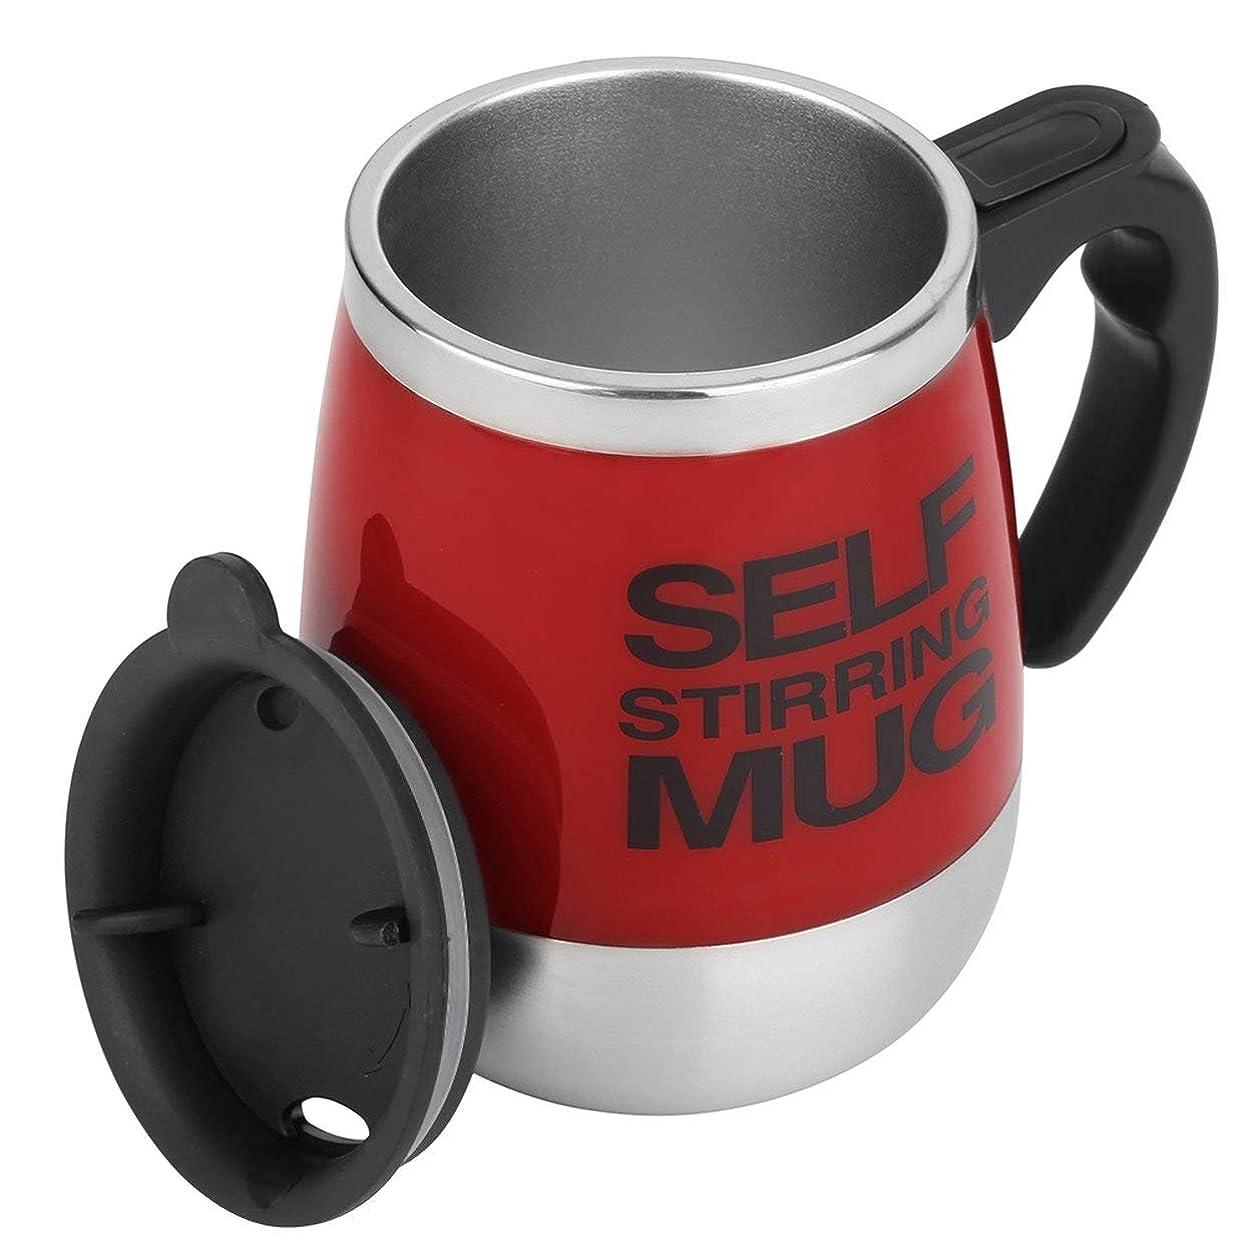 刑務所破壊召集するSaikogoods 450ミリリットル ステンレス鋼 自己攪拌マグカップ 自動ミキシング ティーコーヒーカップ 自動 電気コーヒーカップを飲みます 赤